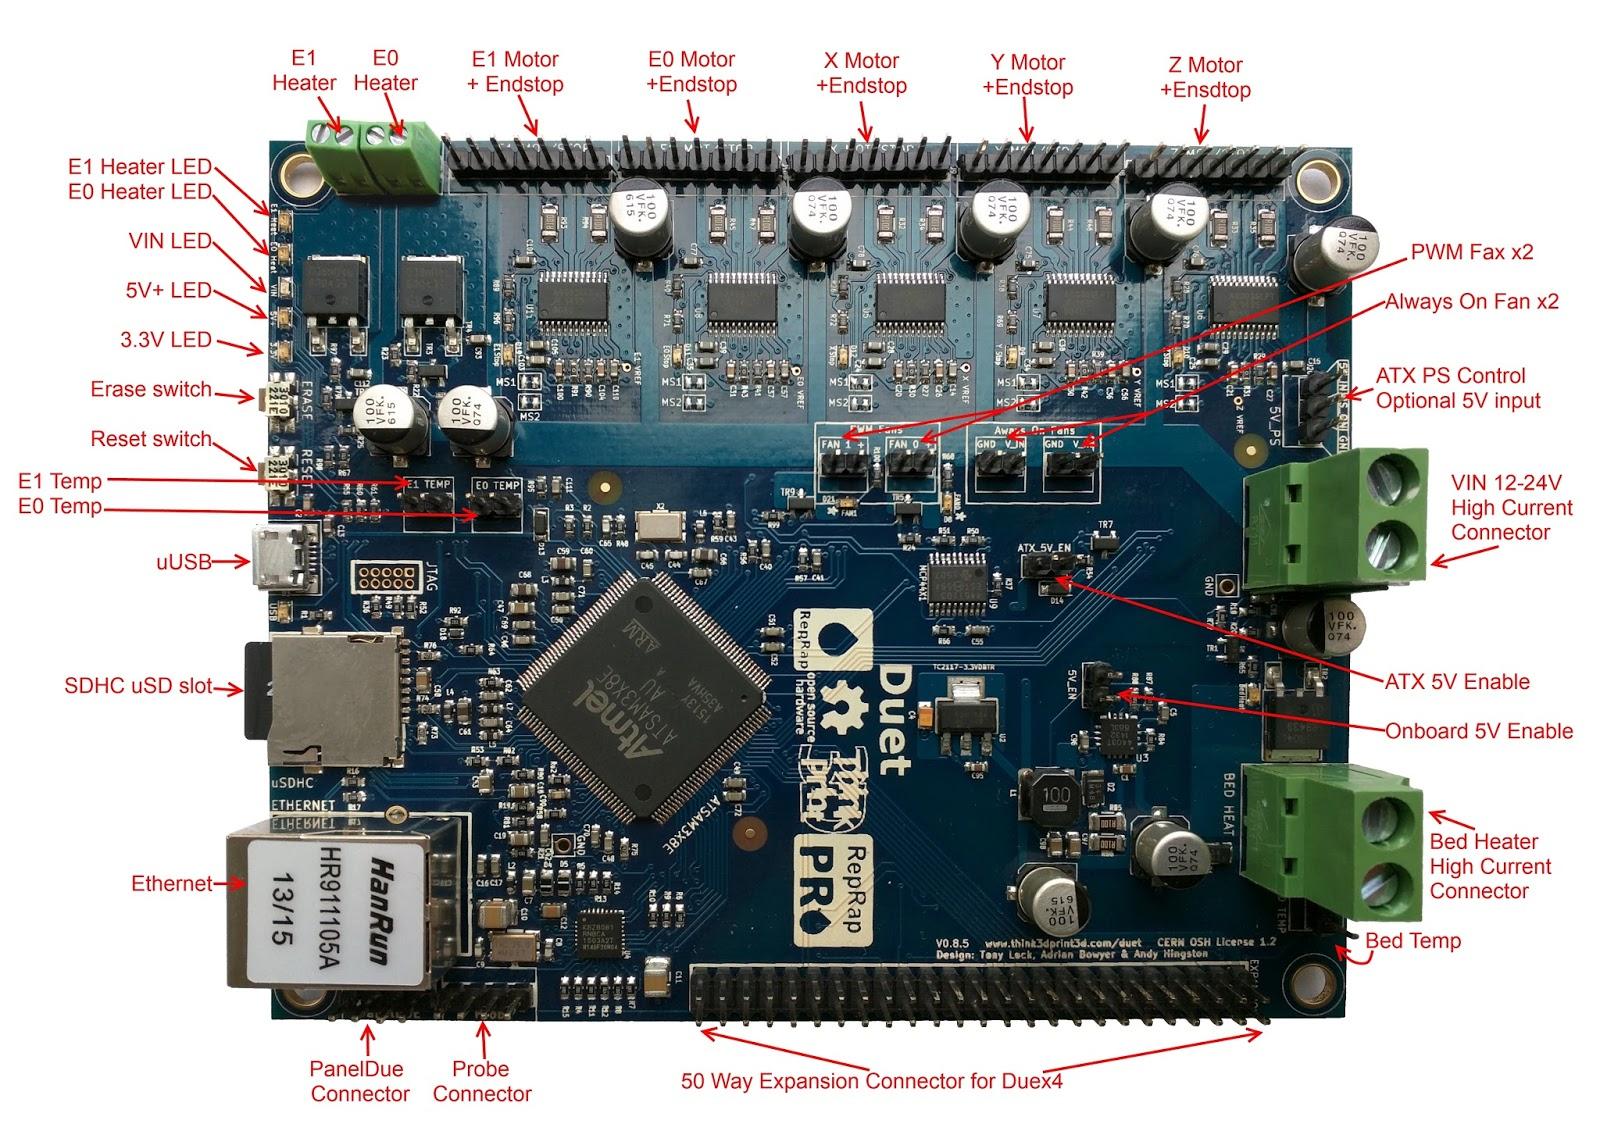 fan tastic fan wiring diagram think3dprint3d new duet electronics version 0 8 5 #6